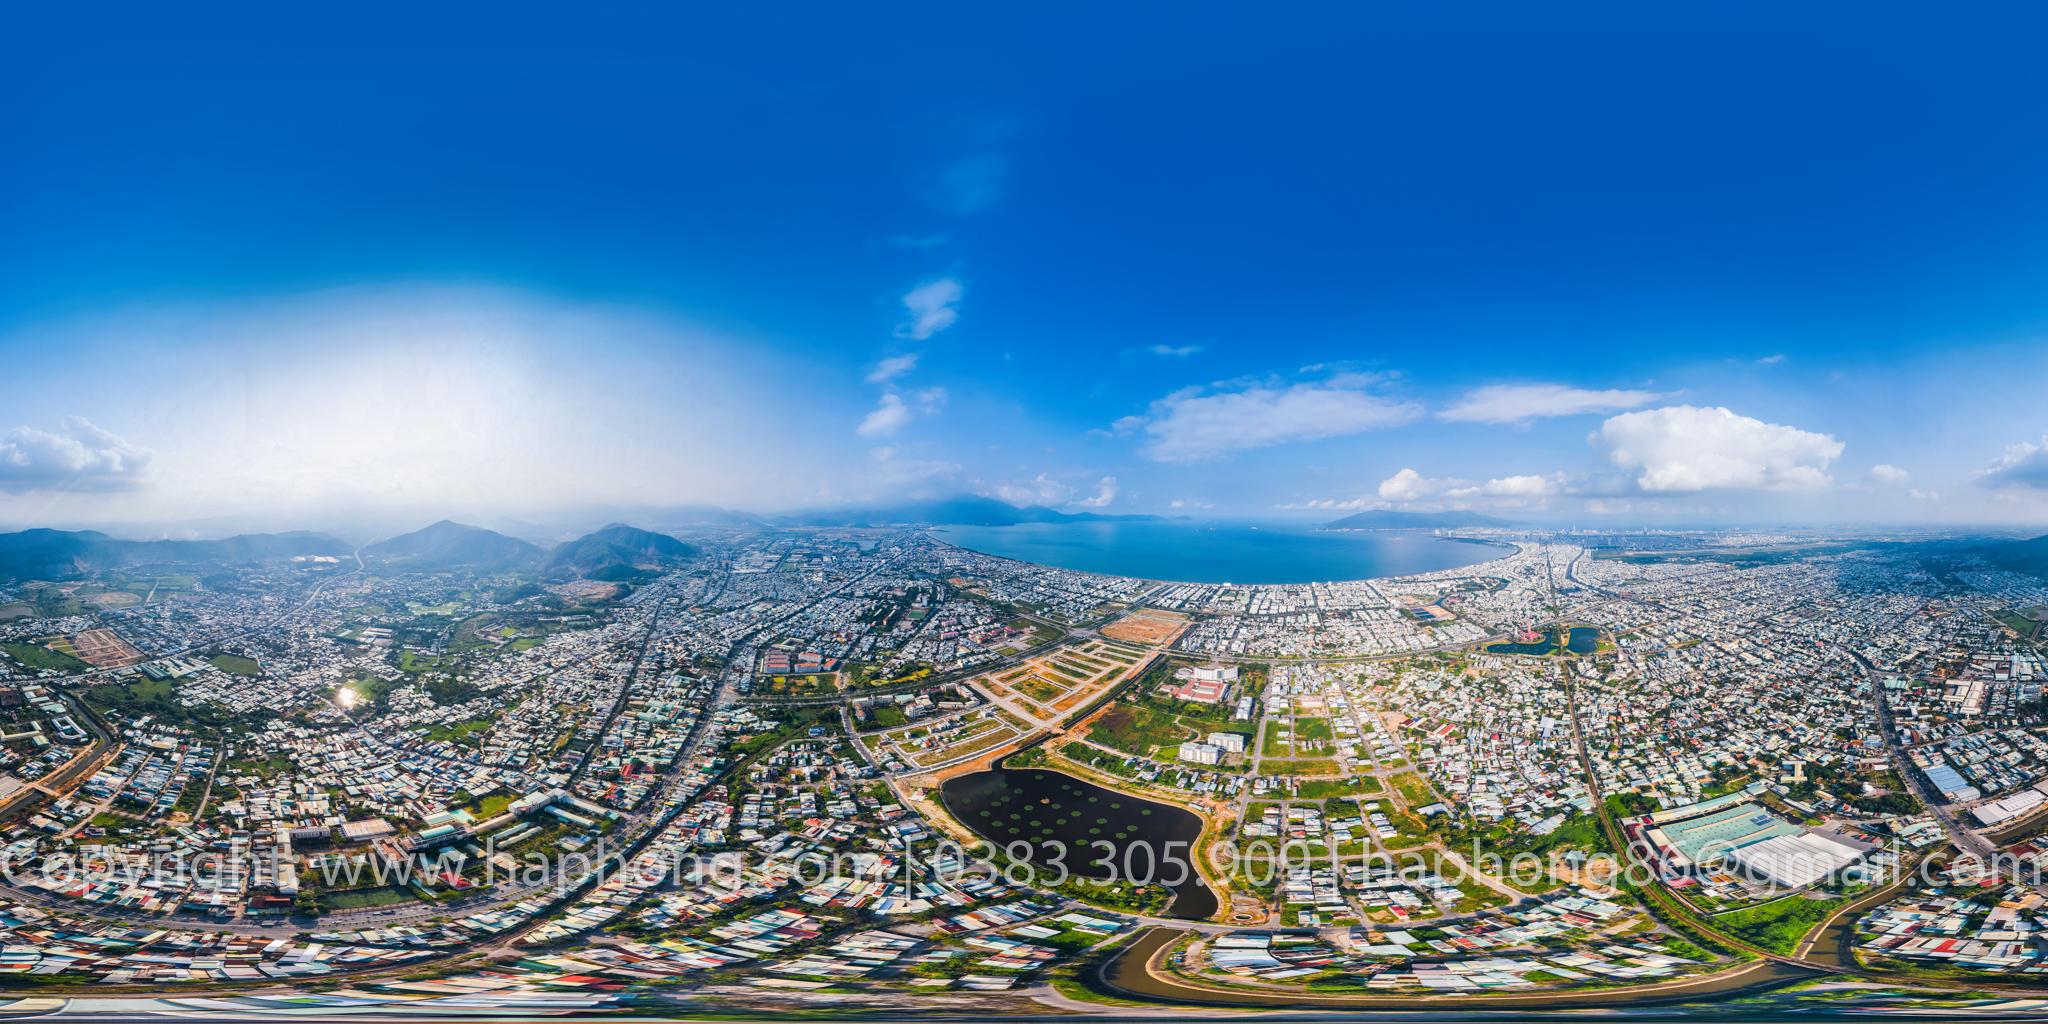 CHỤP ẢNH 360, 360 VIRTUAL TOURS, GOOGLE BUSINESS VIEW: Hòa Khánh, Đà Nẵng